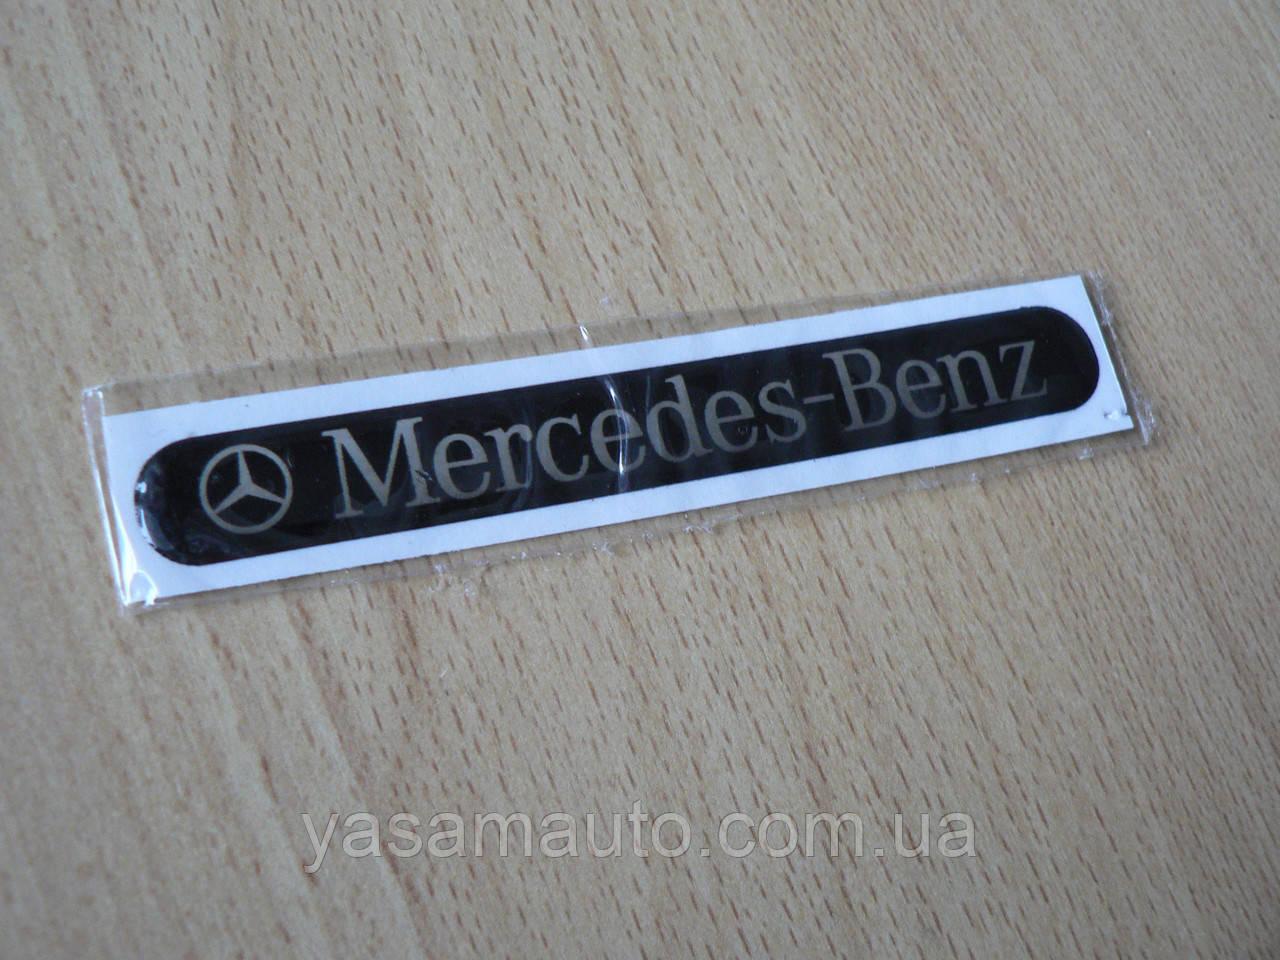 Наклейка s надпись Mercedes - Benz 100х12,8х1мм силиконовая на авто эмблема Мерседес Бенц с одной эмблемой